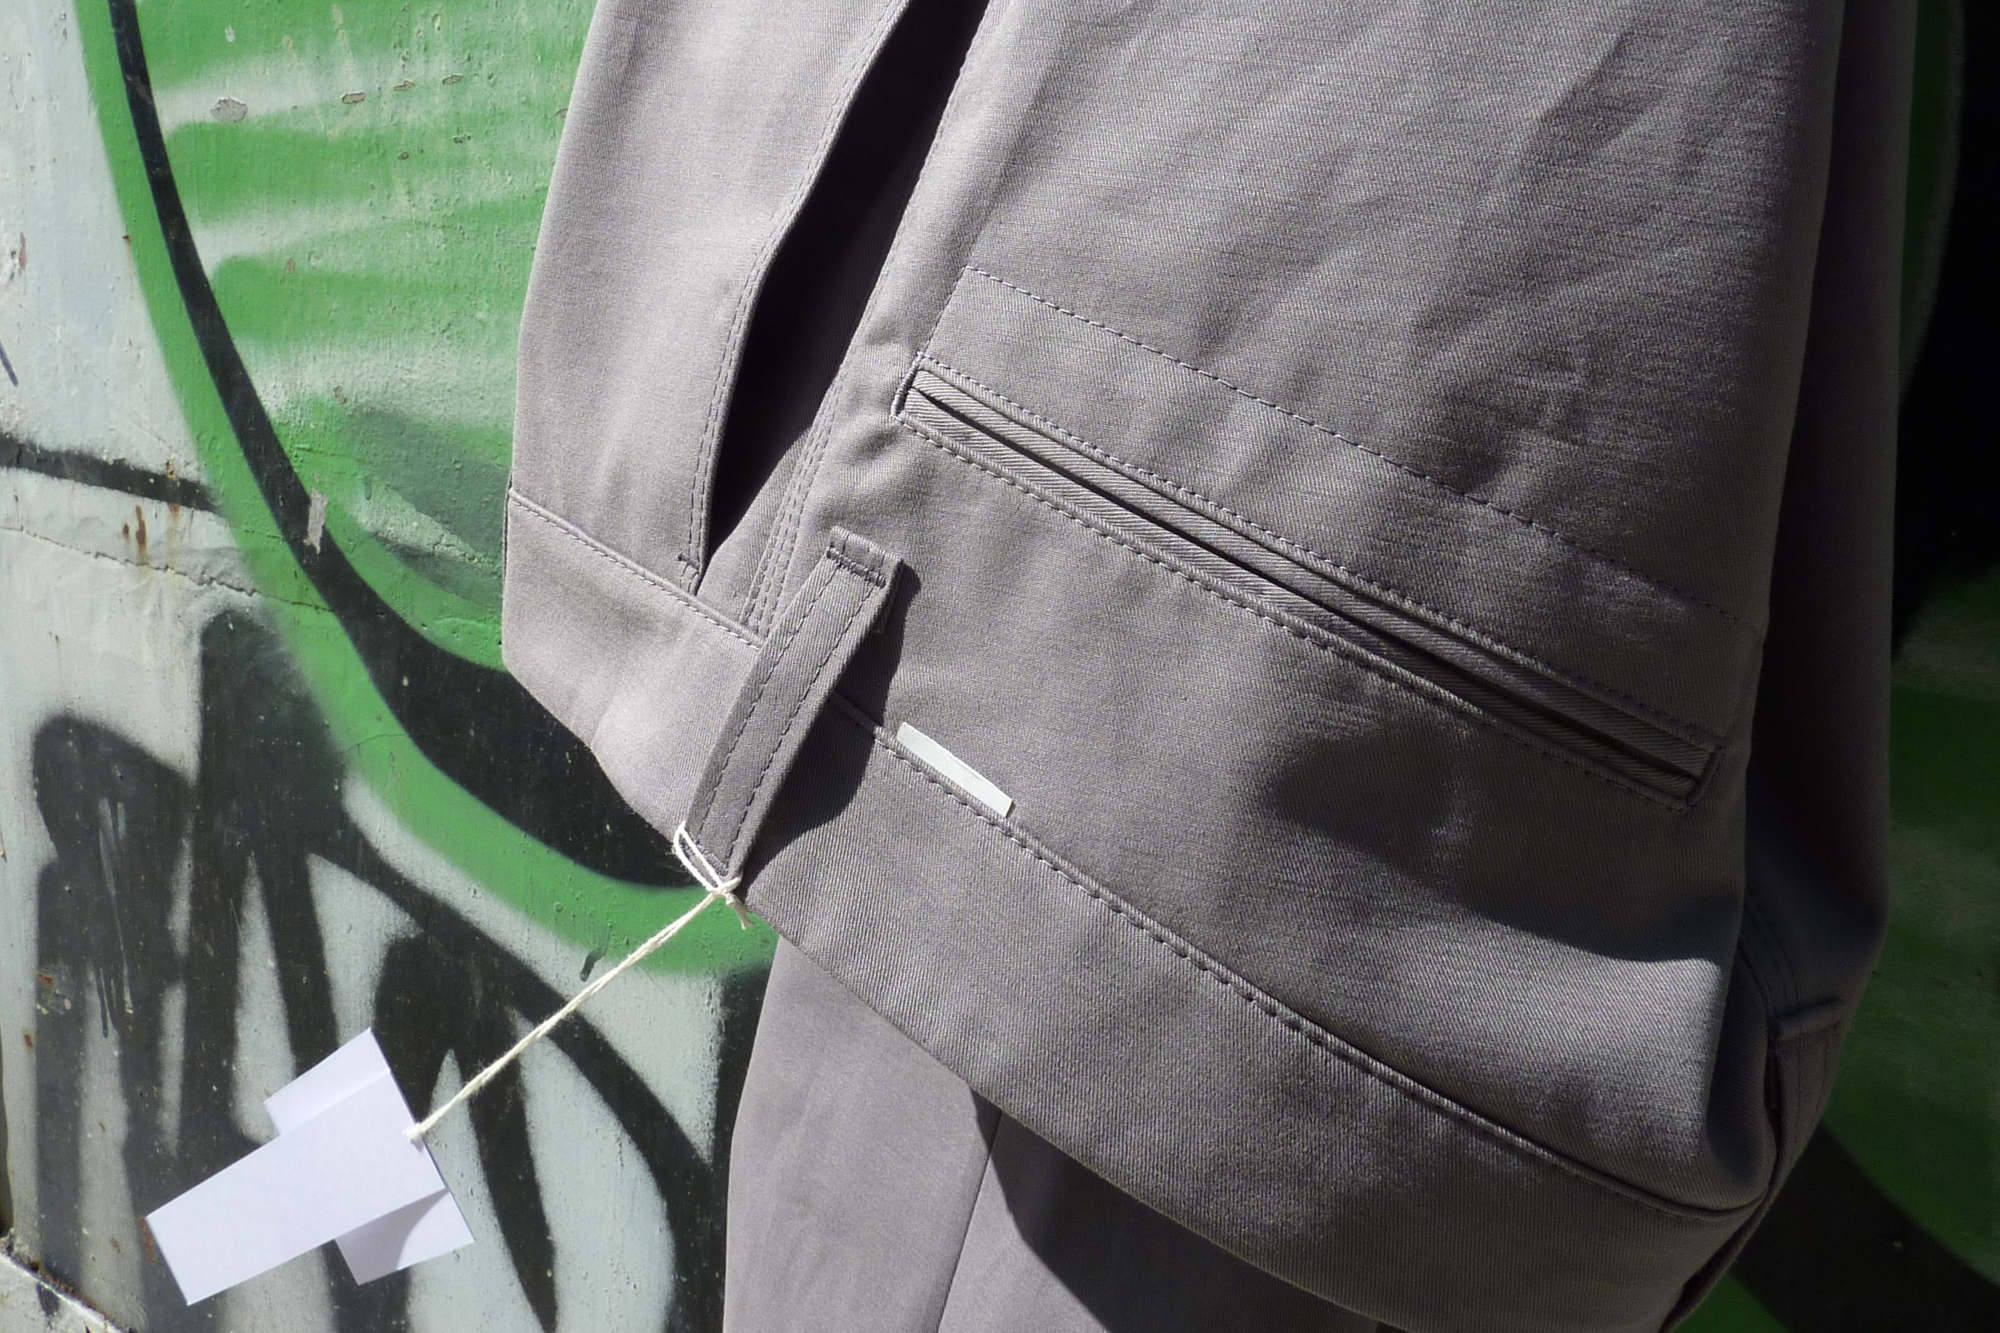 graue chinohose, bio, baumwolle. chinohose aus loden. chinos aus denim und hanf - chinohose, fair, nachhaltig, mode, produziert